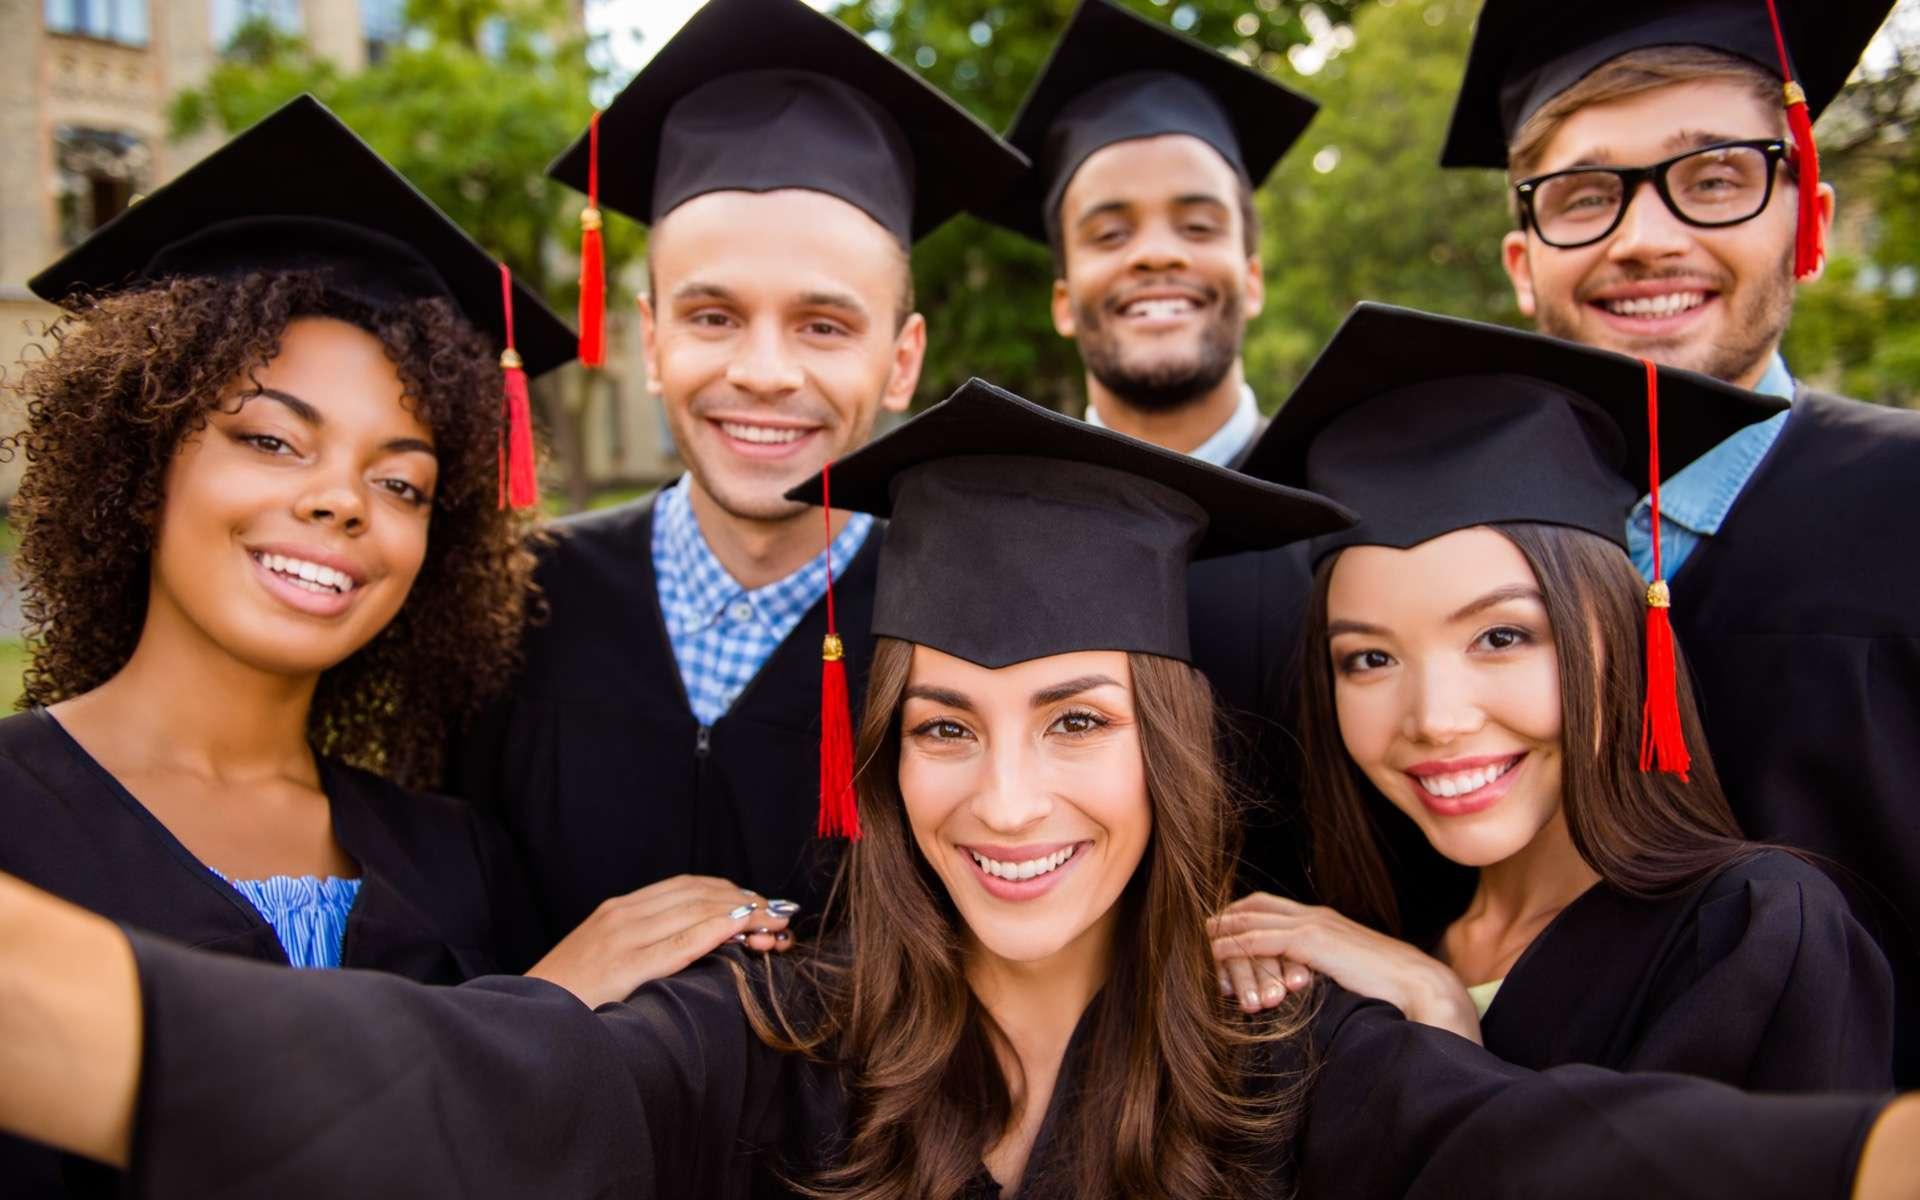 Le mastère spécialisé est accessible aux étudiants de niveau master 2, voire bac +4 avec expérience professionnelle ou sur dérogation. © deagreez, Adobe Stock